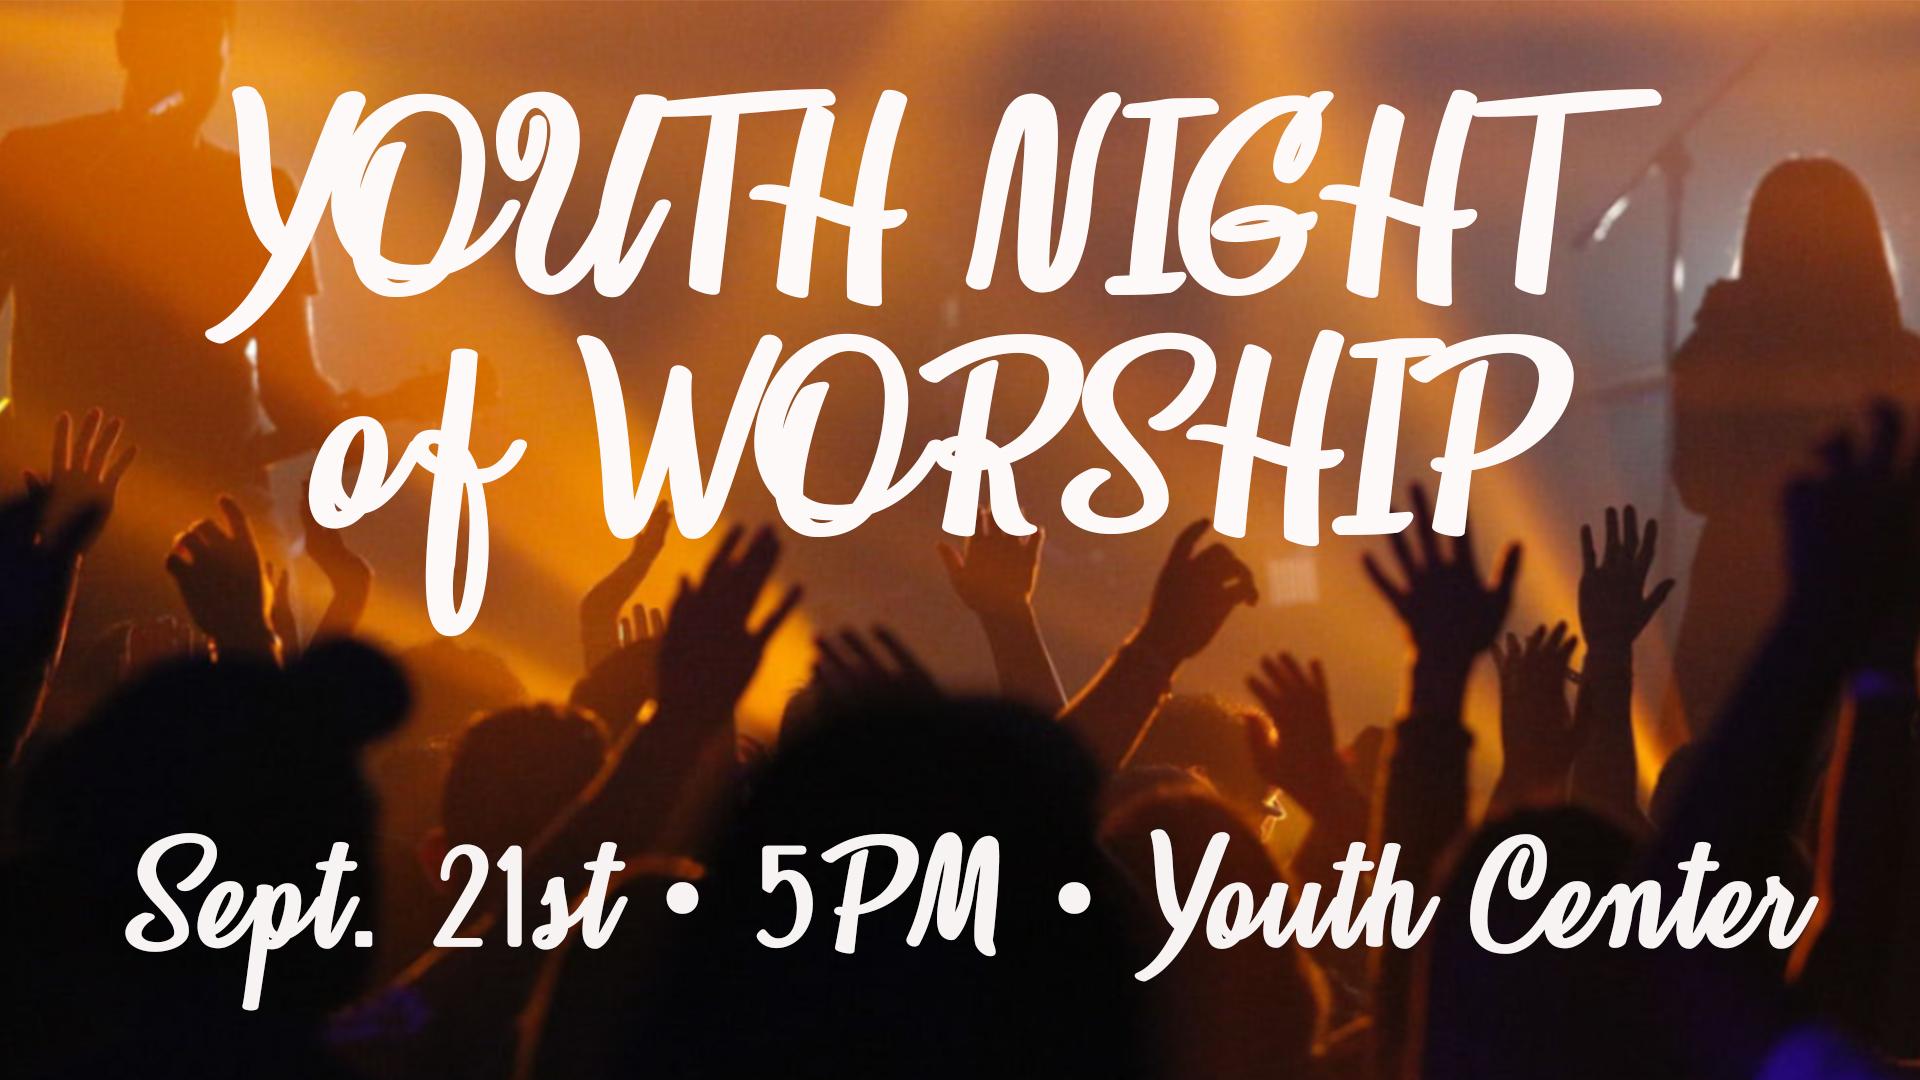 youthnightofworship.jpg